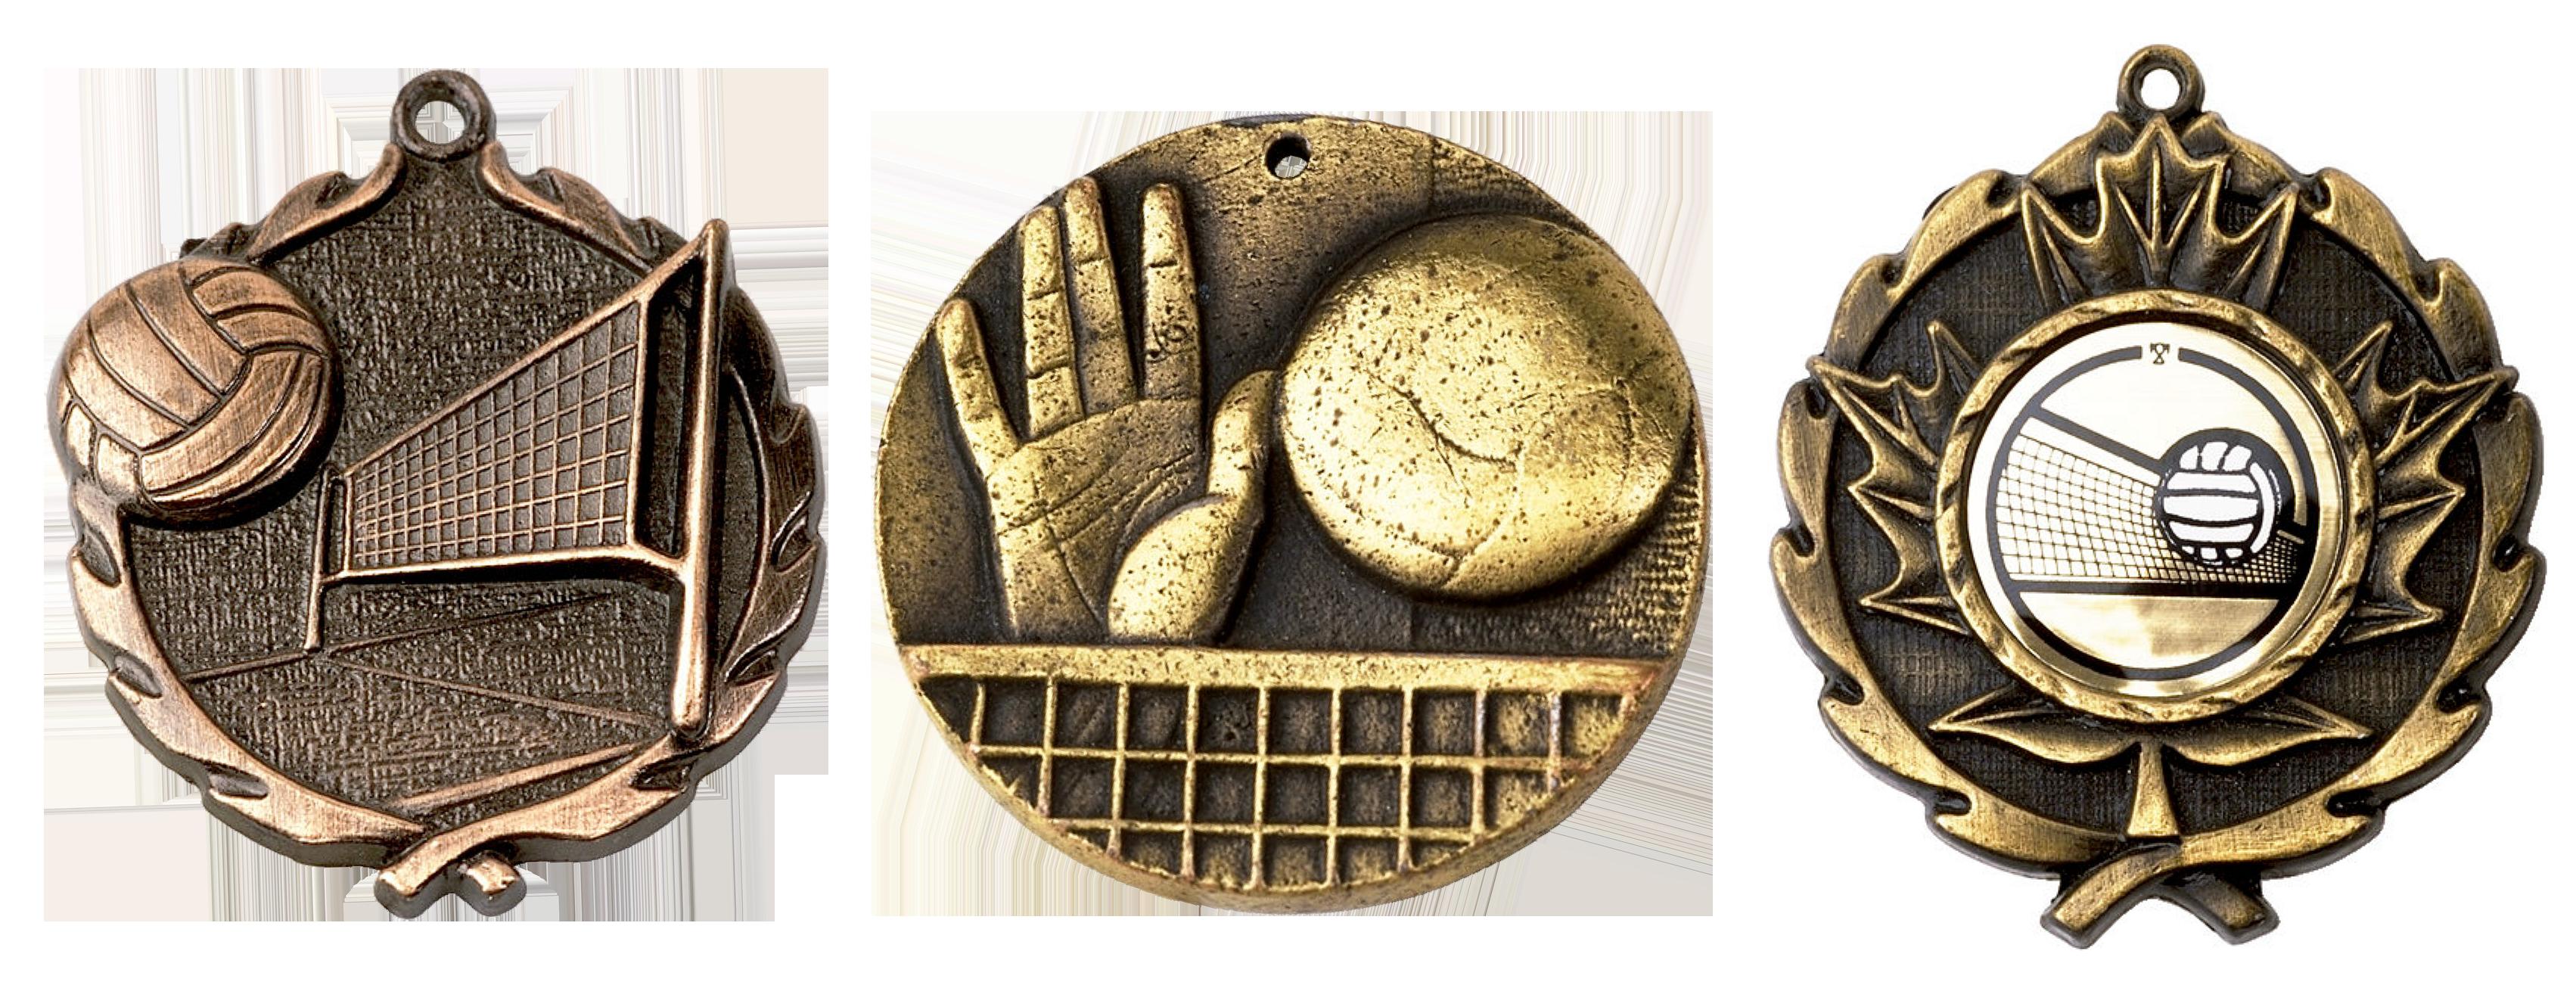 Antique Medals